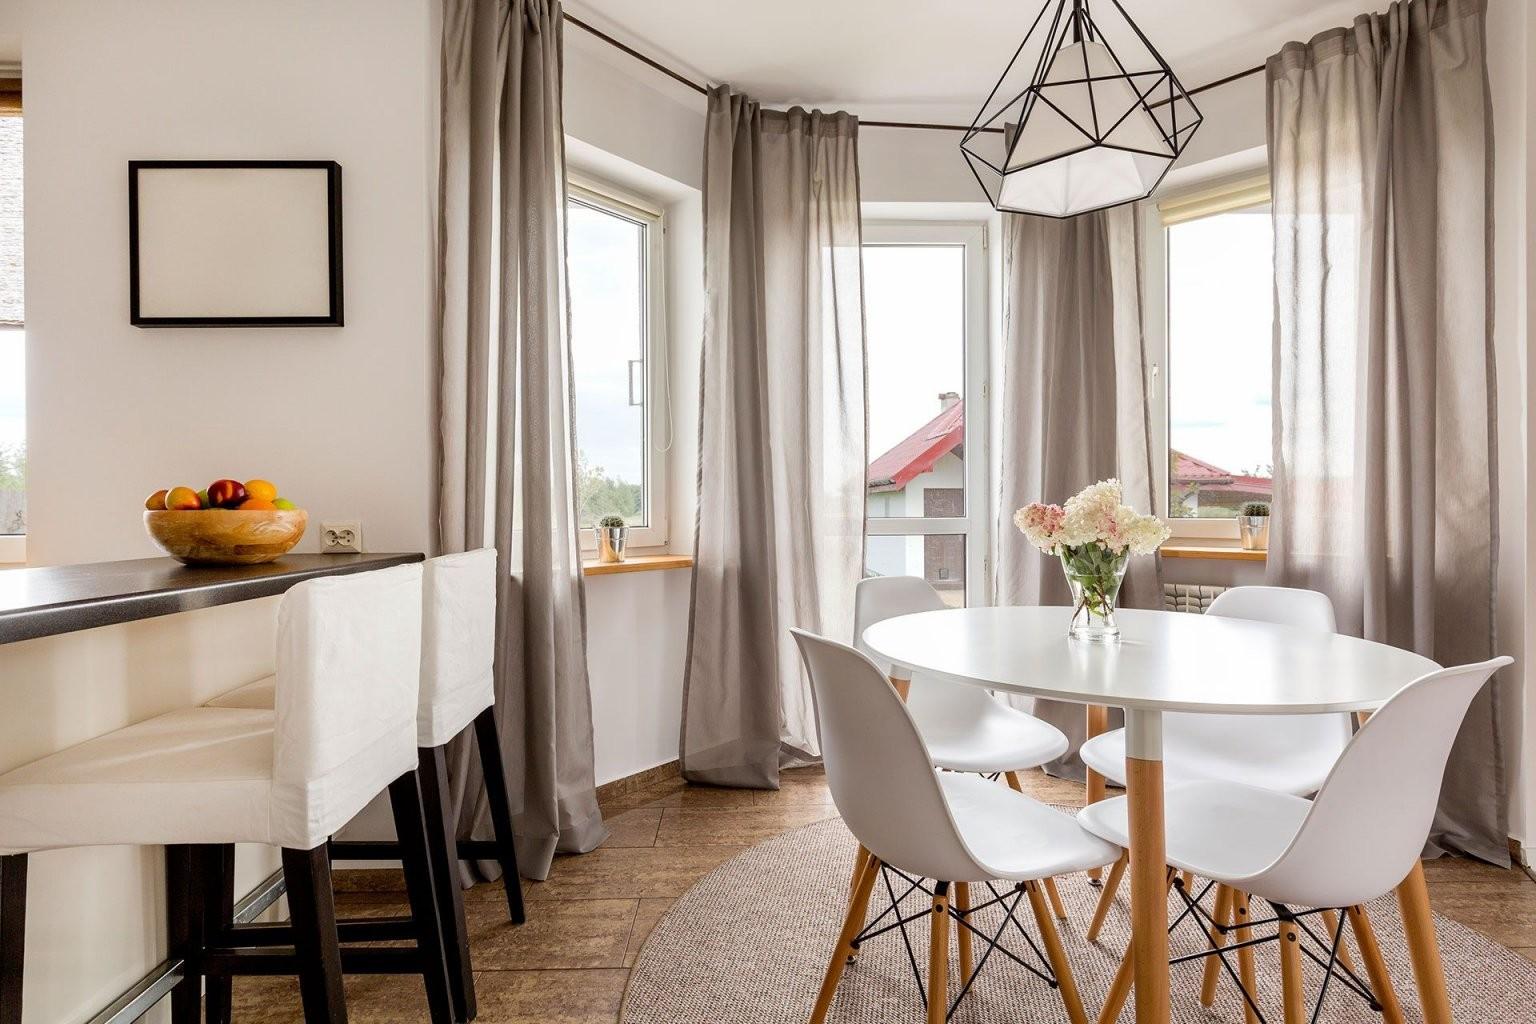 Kleine Fenster Gardinen Küche Vorhang Ideen Badezimmer Fenster von Vorhang Ideen Für Kleine Fenster Bild